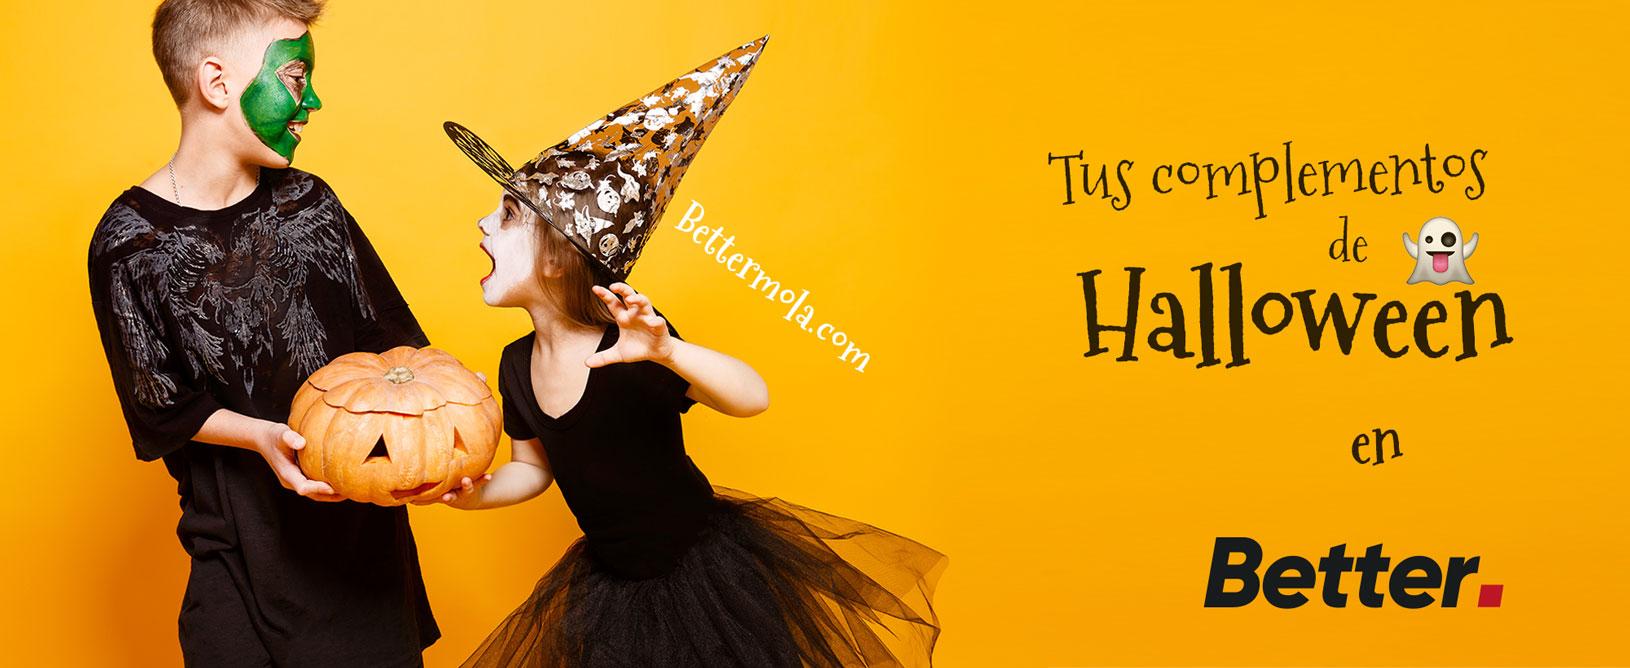 Halloween es Better. Compra tus complementos para este halloween en las tiendas Better.